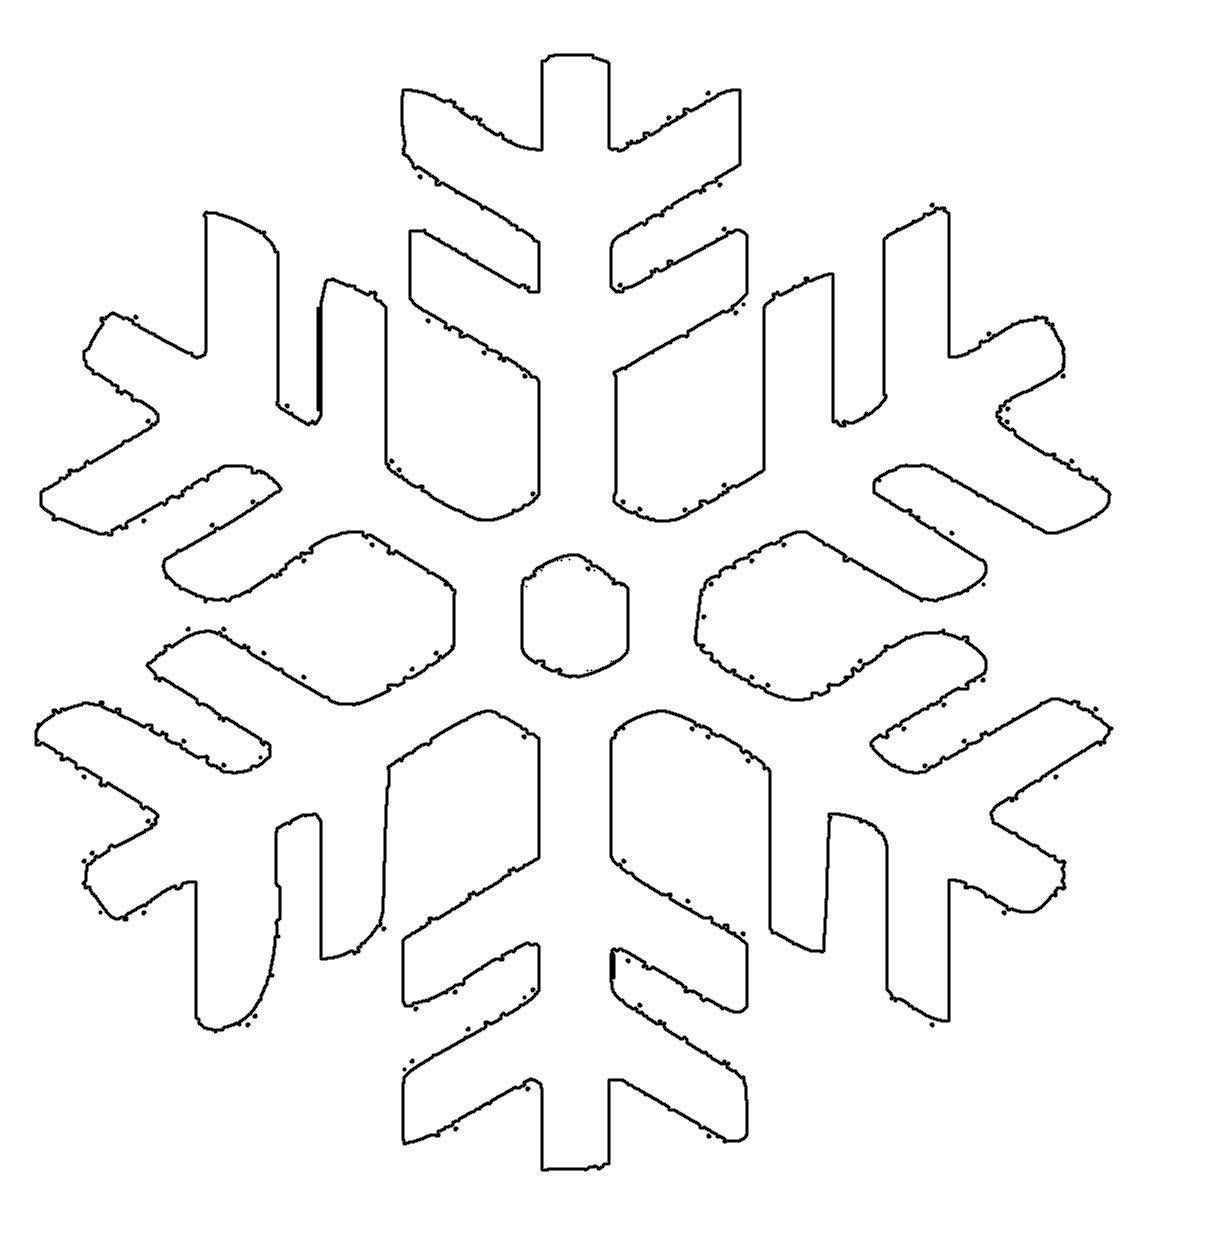 Schneeflocken Gehoren Zum Winter Einfach Dazu Lassen Sie Ihr Kind Die Schneeflocke Au Schneeflocken Basteln Vorlage Schneeflocke Vorlage Schneeflocken Basteln